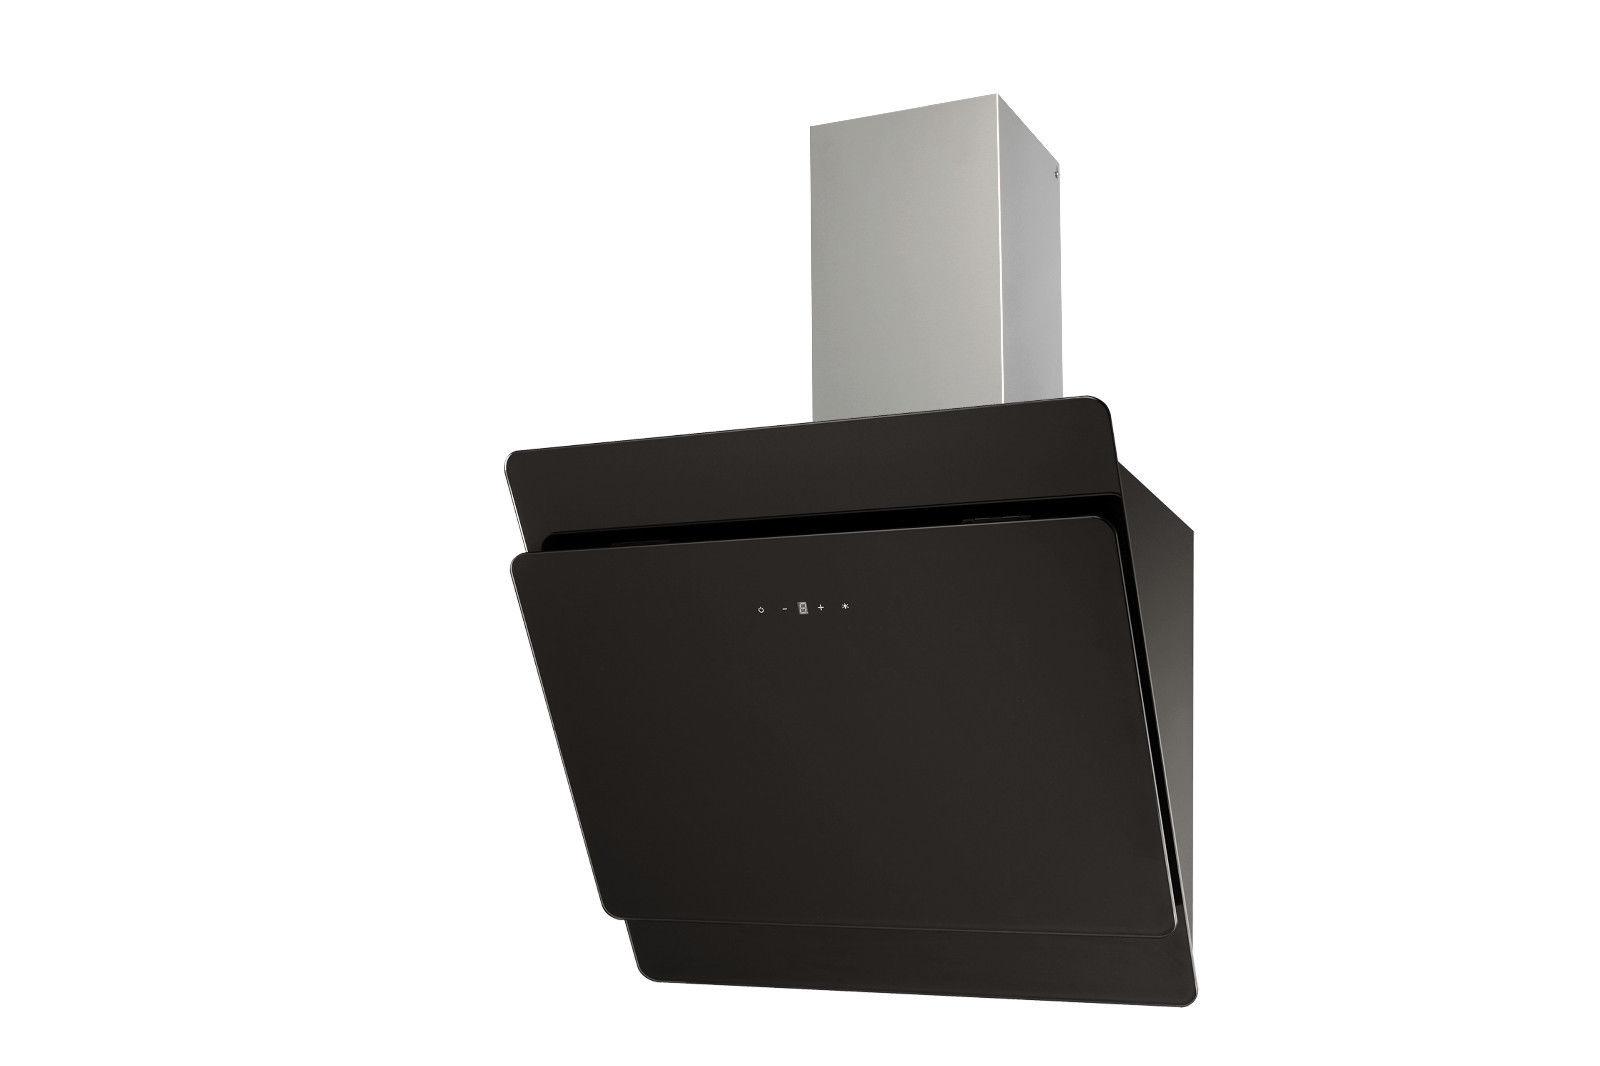 Pkm s3 60 abtz schwarz glas edelstahl dunstabzugshaube schräghaube